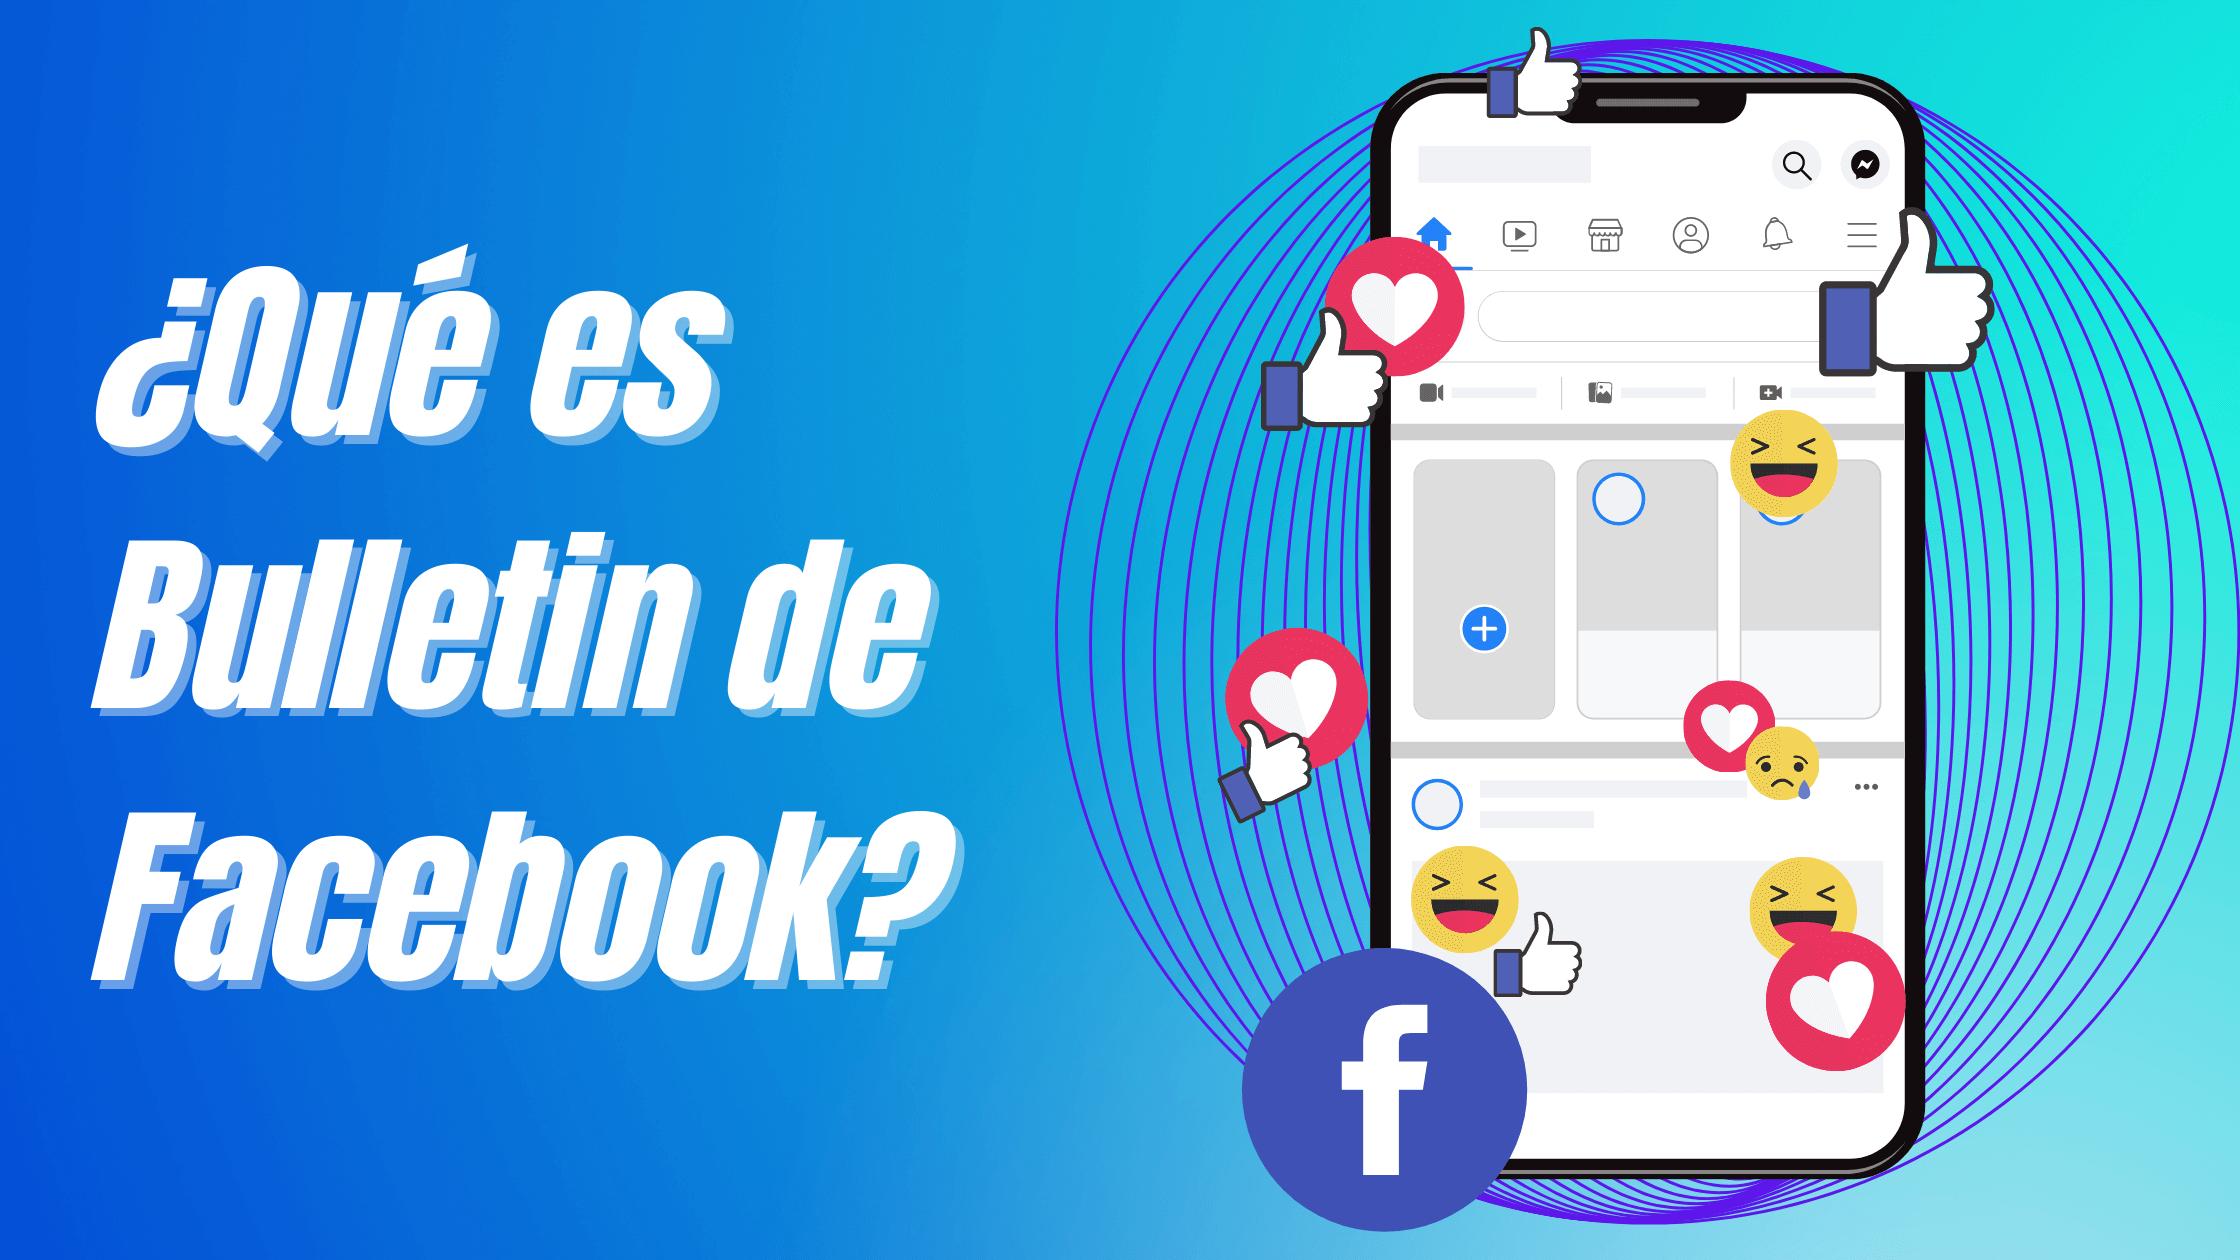 ¿Qué es Bulletin de Facebook?